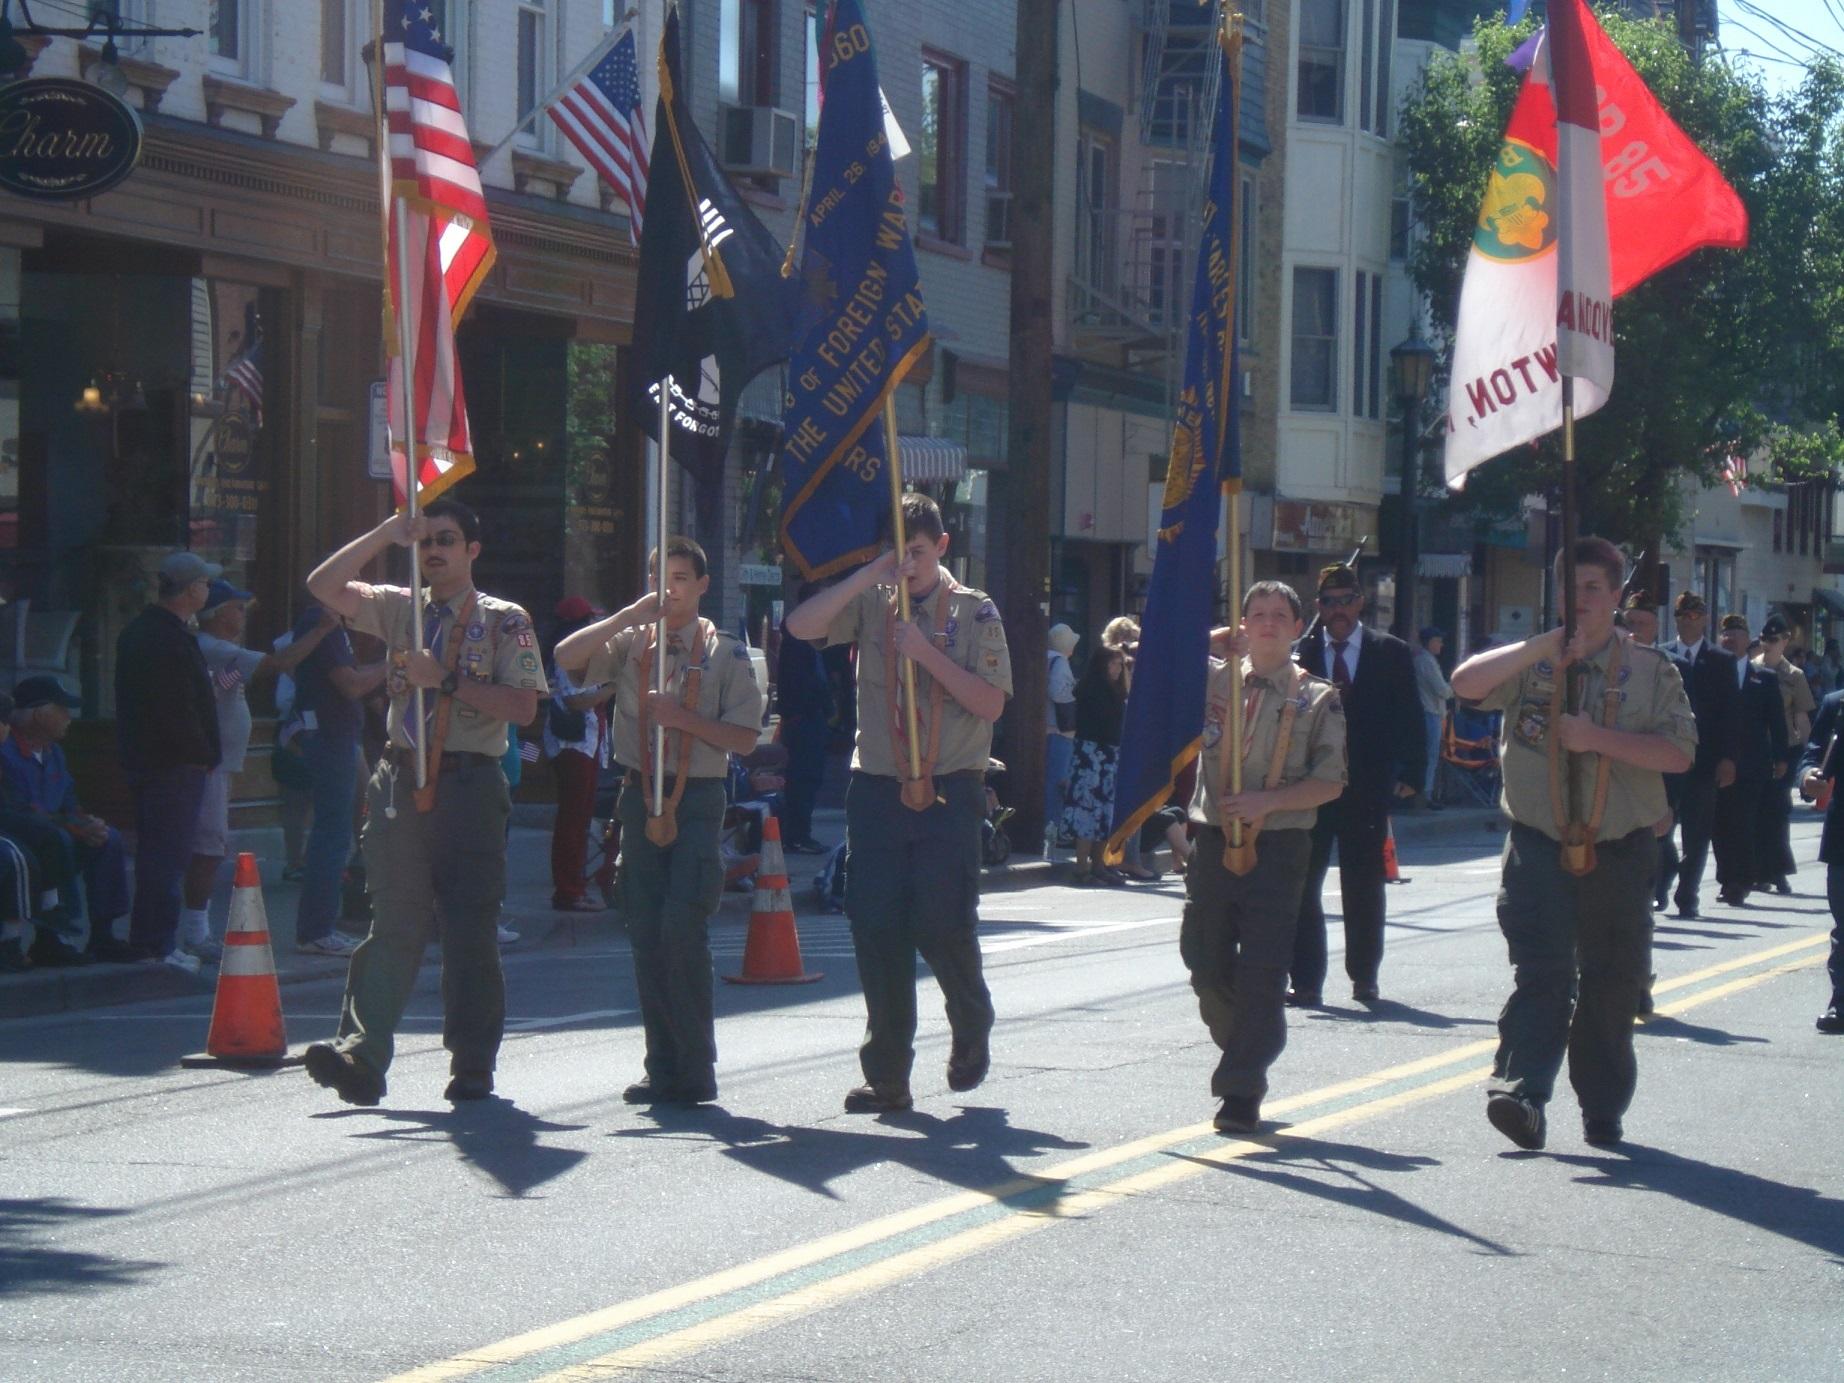 f8cf5c86dca434ae077c_Memorial_Day_Parade_003.JPG